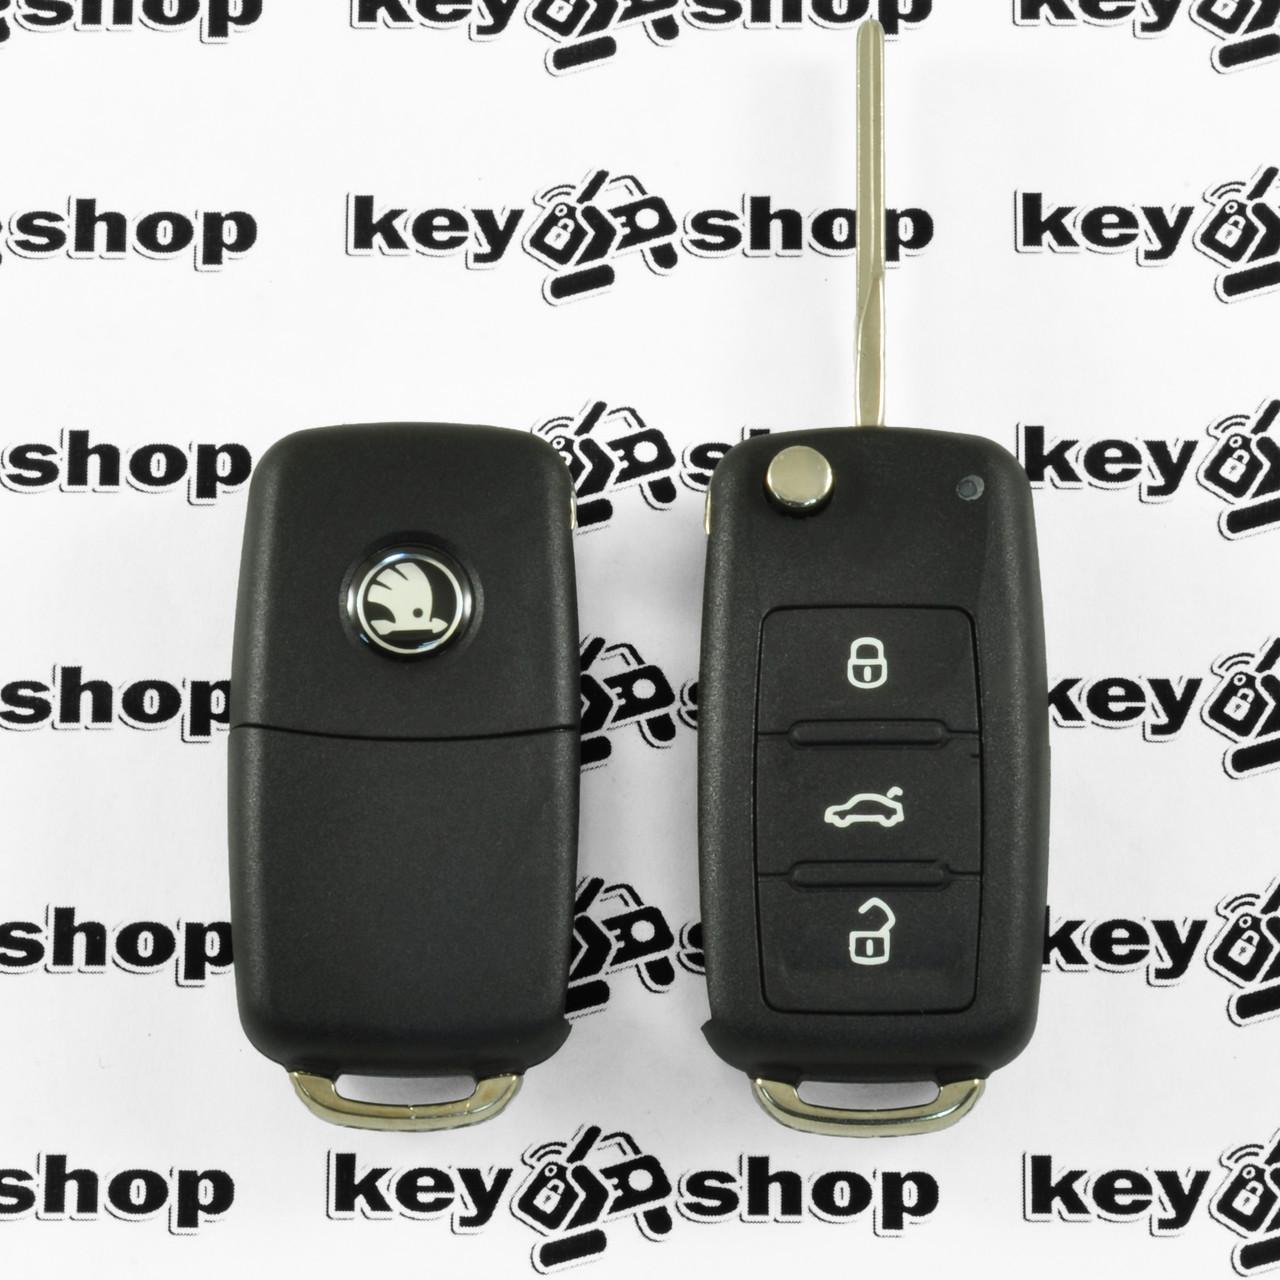 Корпус выкидного автоключа  для SKODA (шкода)  3 - кнопки, лезвие HU66, после 2008 года